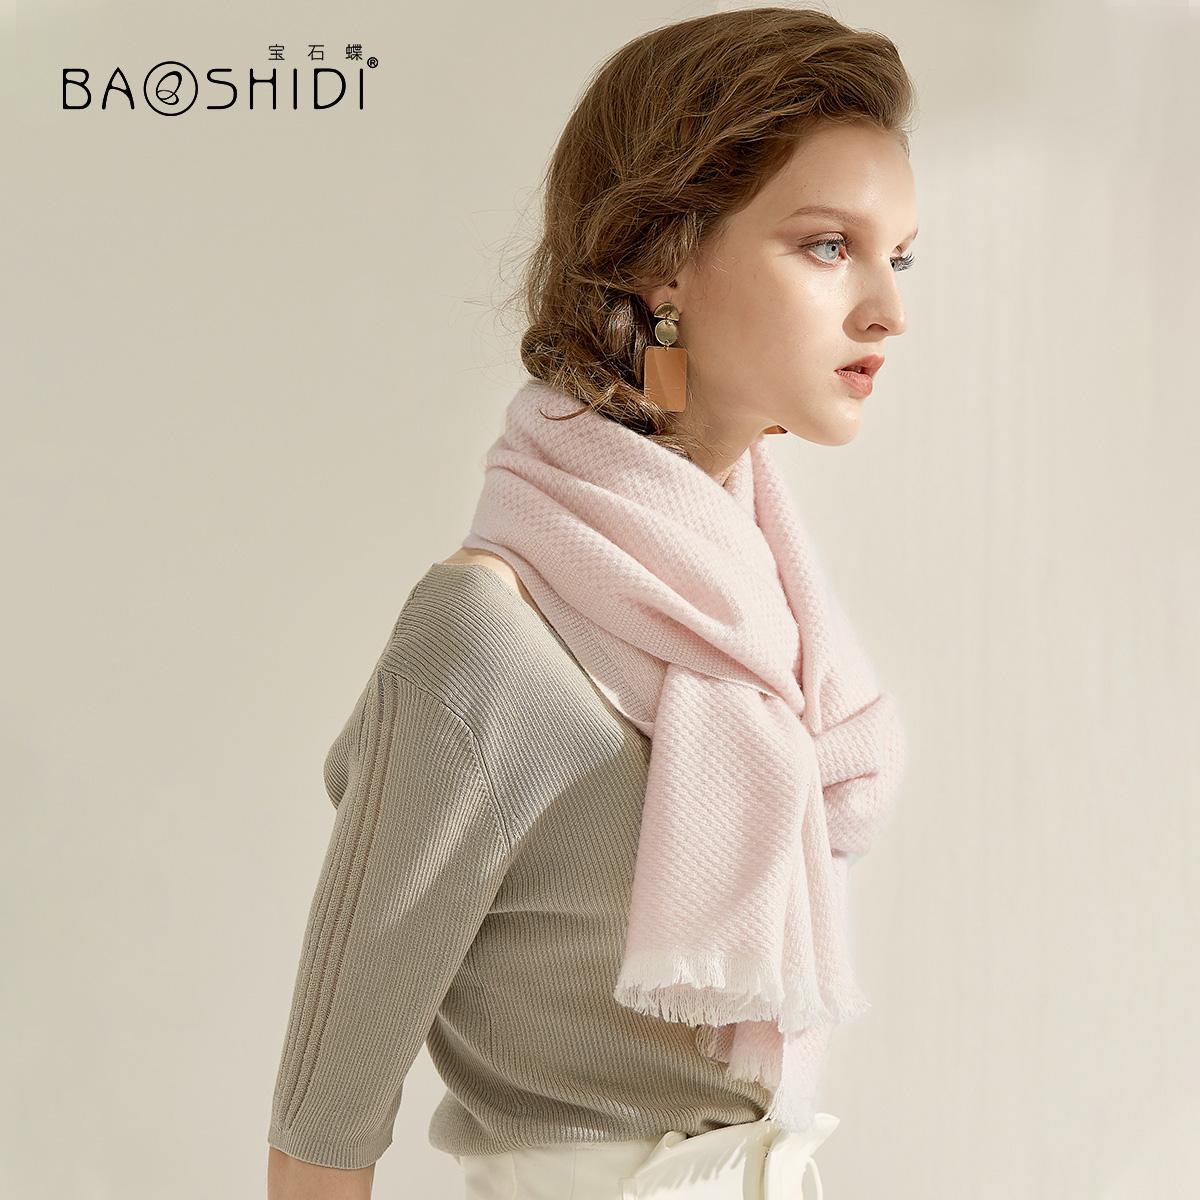 宝石蝶纯色羊绒围巾女士大披肩保暖长款秋冬季围脖礼品/一抹燃情